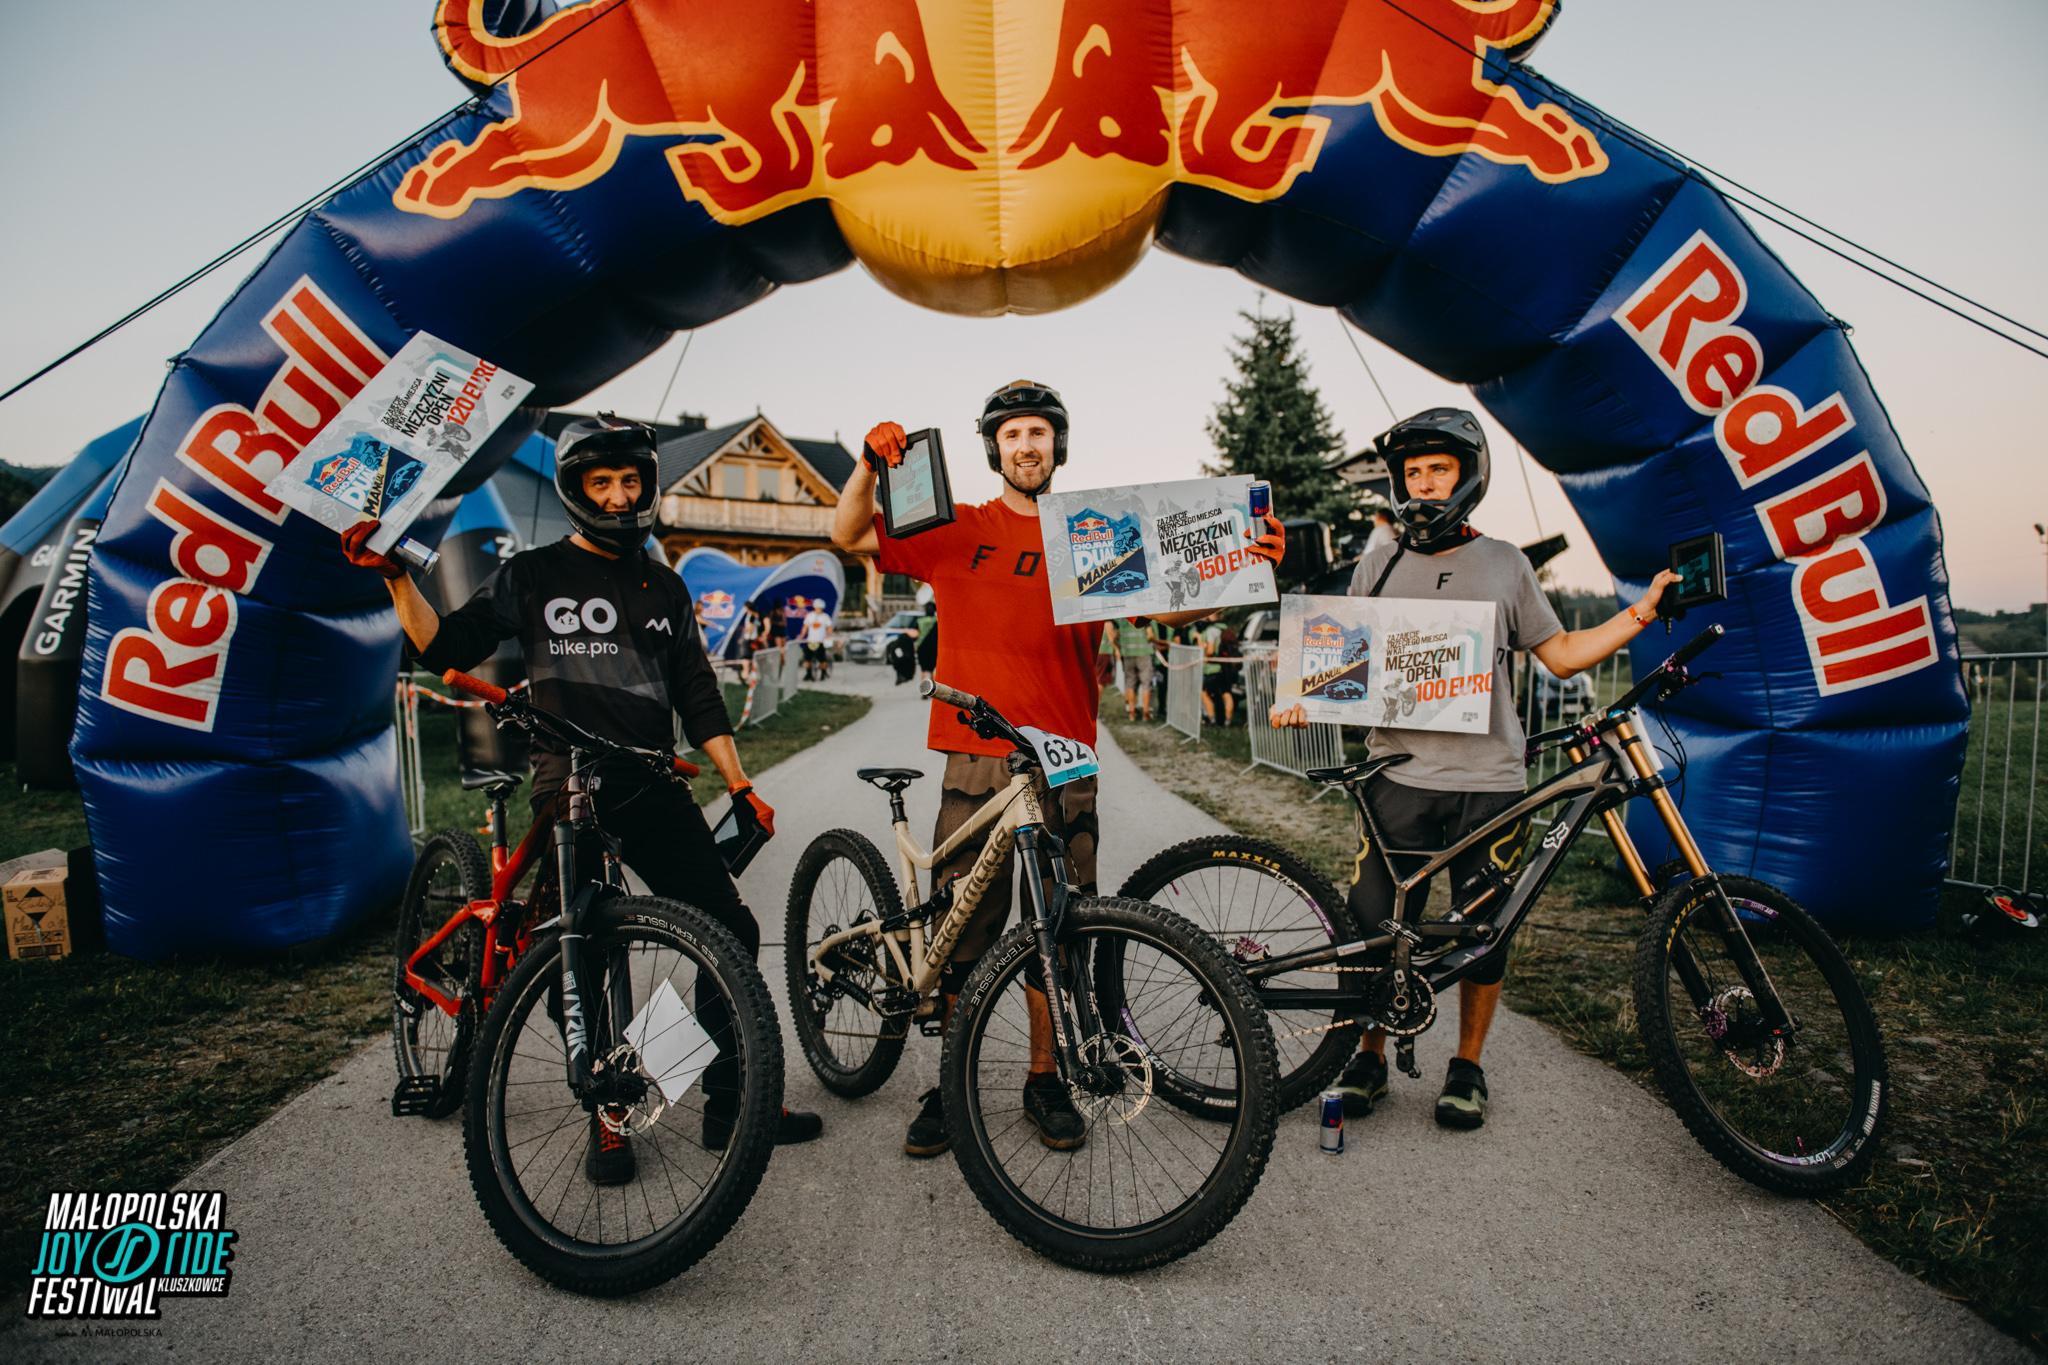 Małopolska Joy Ride Festiwal 2020 – Podsumowanie dnia pierwszego